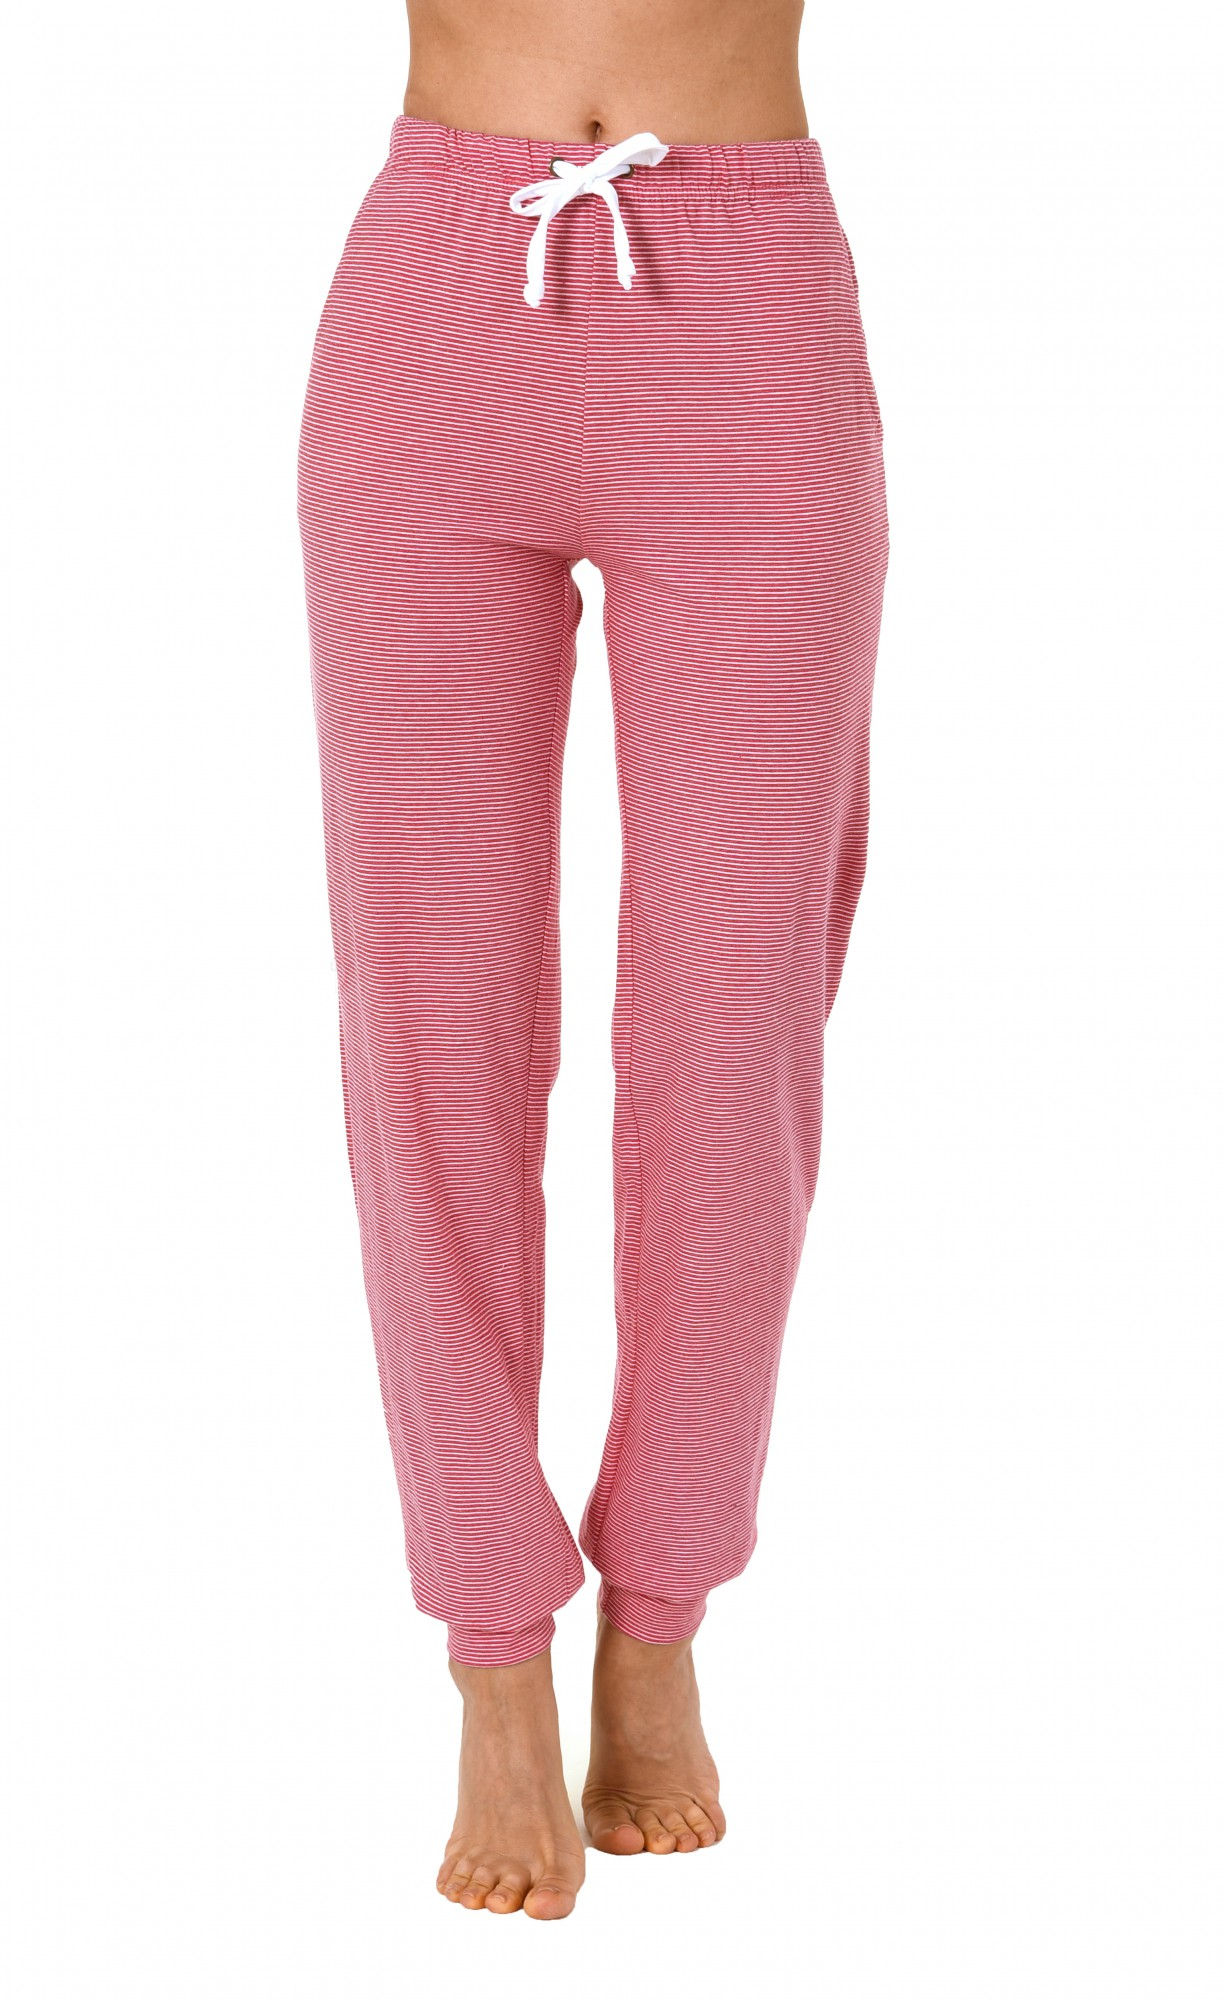 b2328cd8dc Damen Pyjama Hose lang- Mix & Match – gestreift- ideal zum kombinieren 222  90